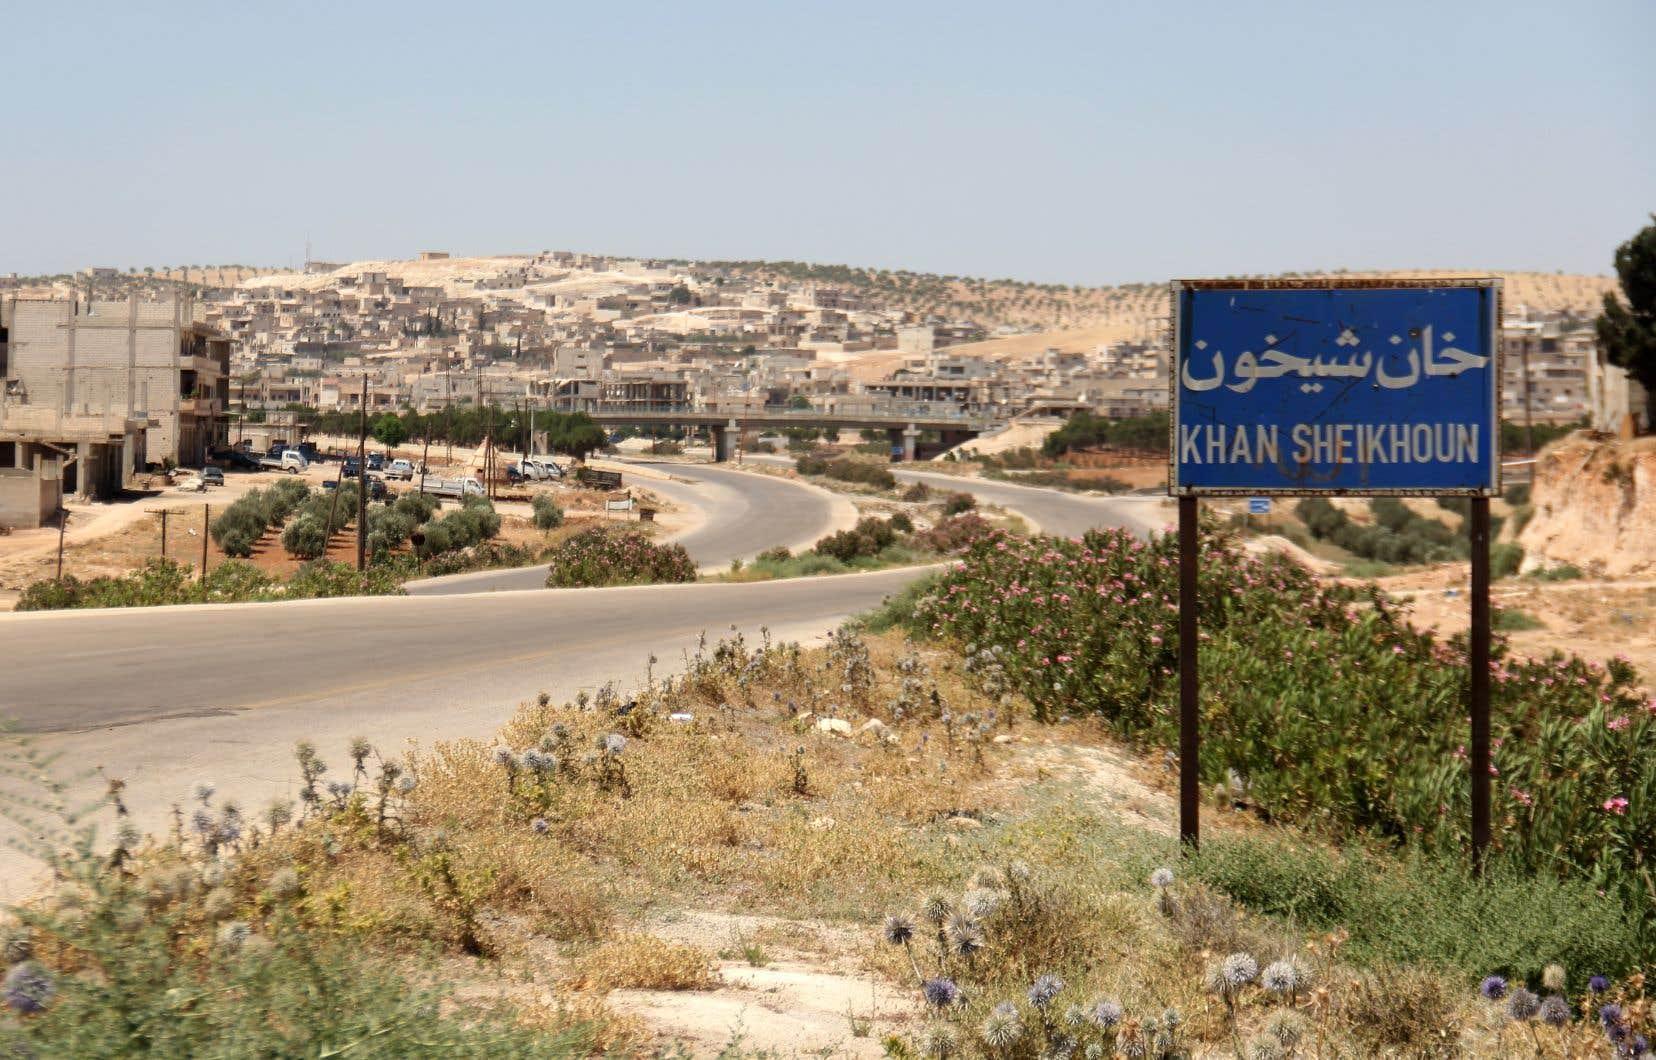 Un rapport doit être rendu le 26octobre sur l'attaque au gaz sarin survenue le 4avril à Khan Cheikhoun, une petite ville de l'ouest de la Syrie.